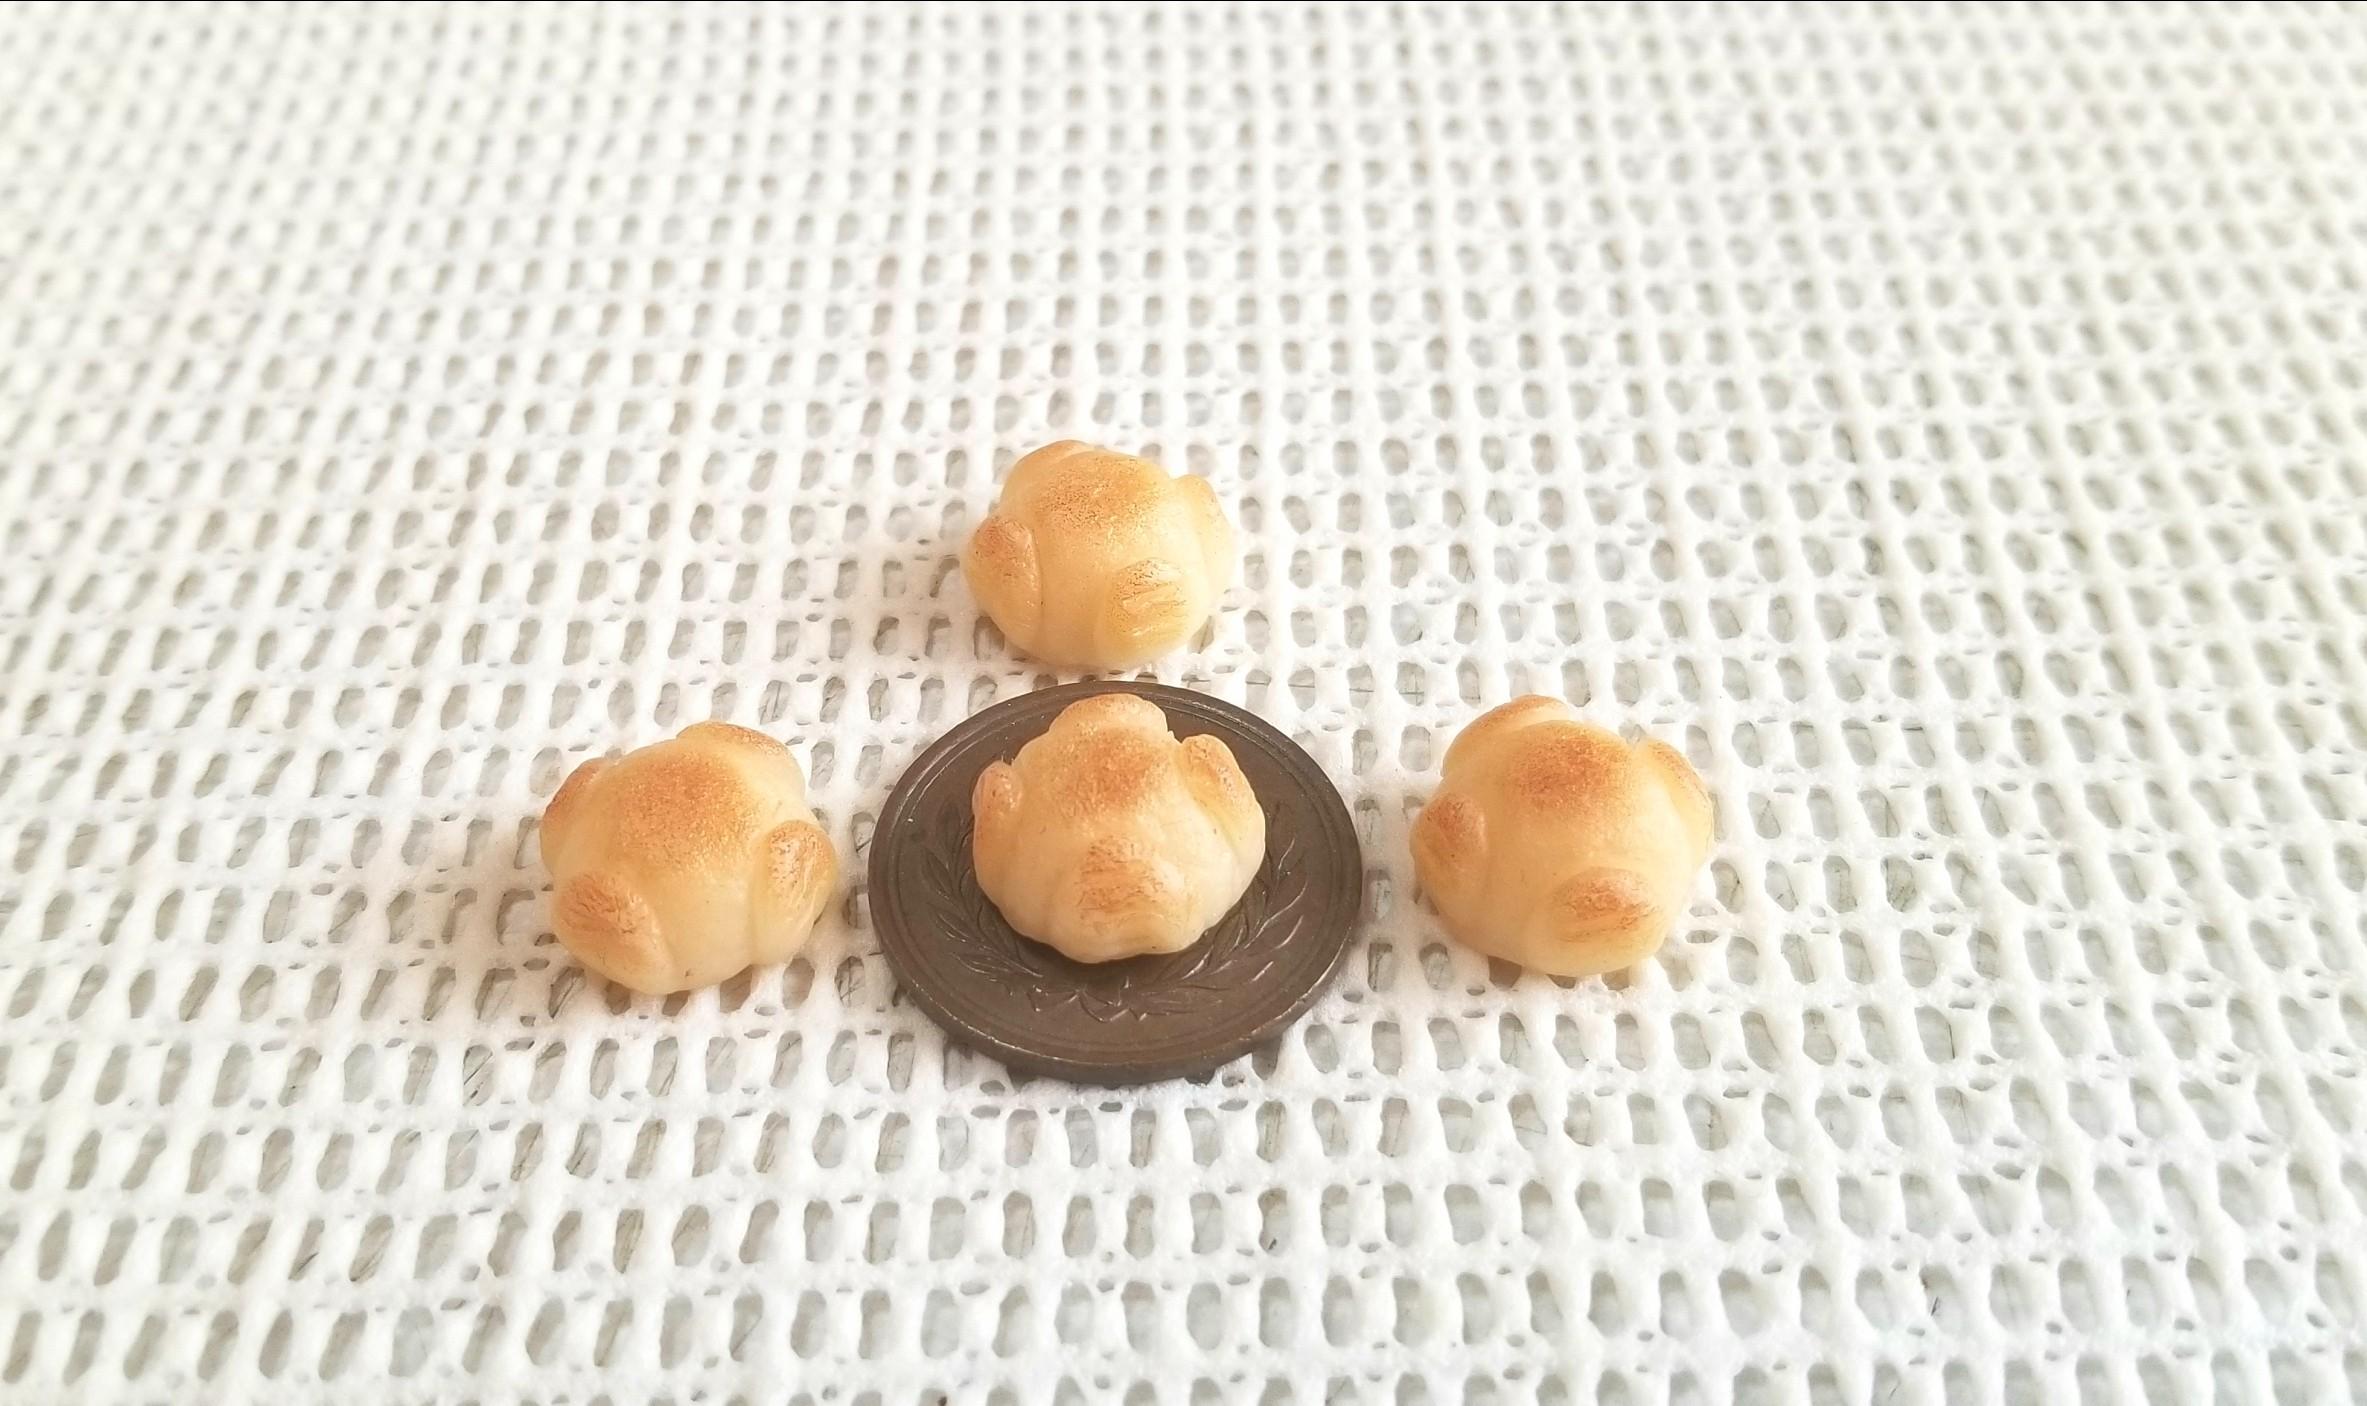 ミニチュアフード,パン,もっちりカンパーニュ,樹脂粘土,オビツろいど